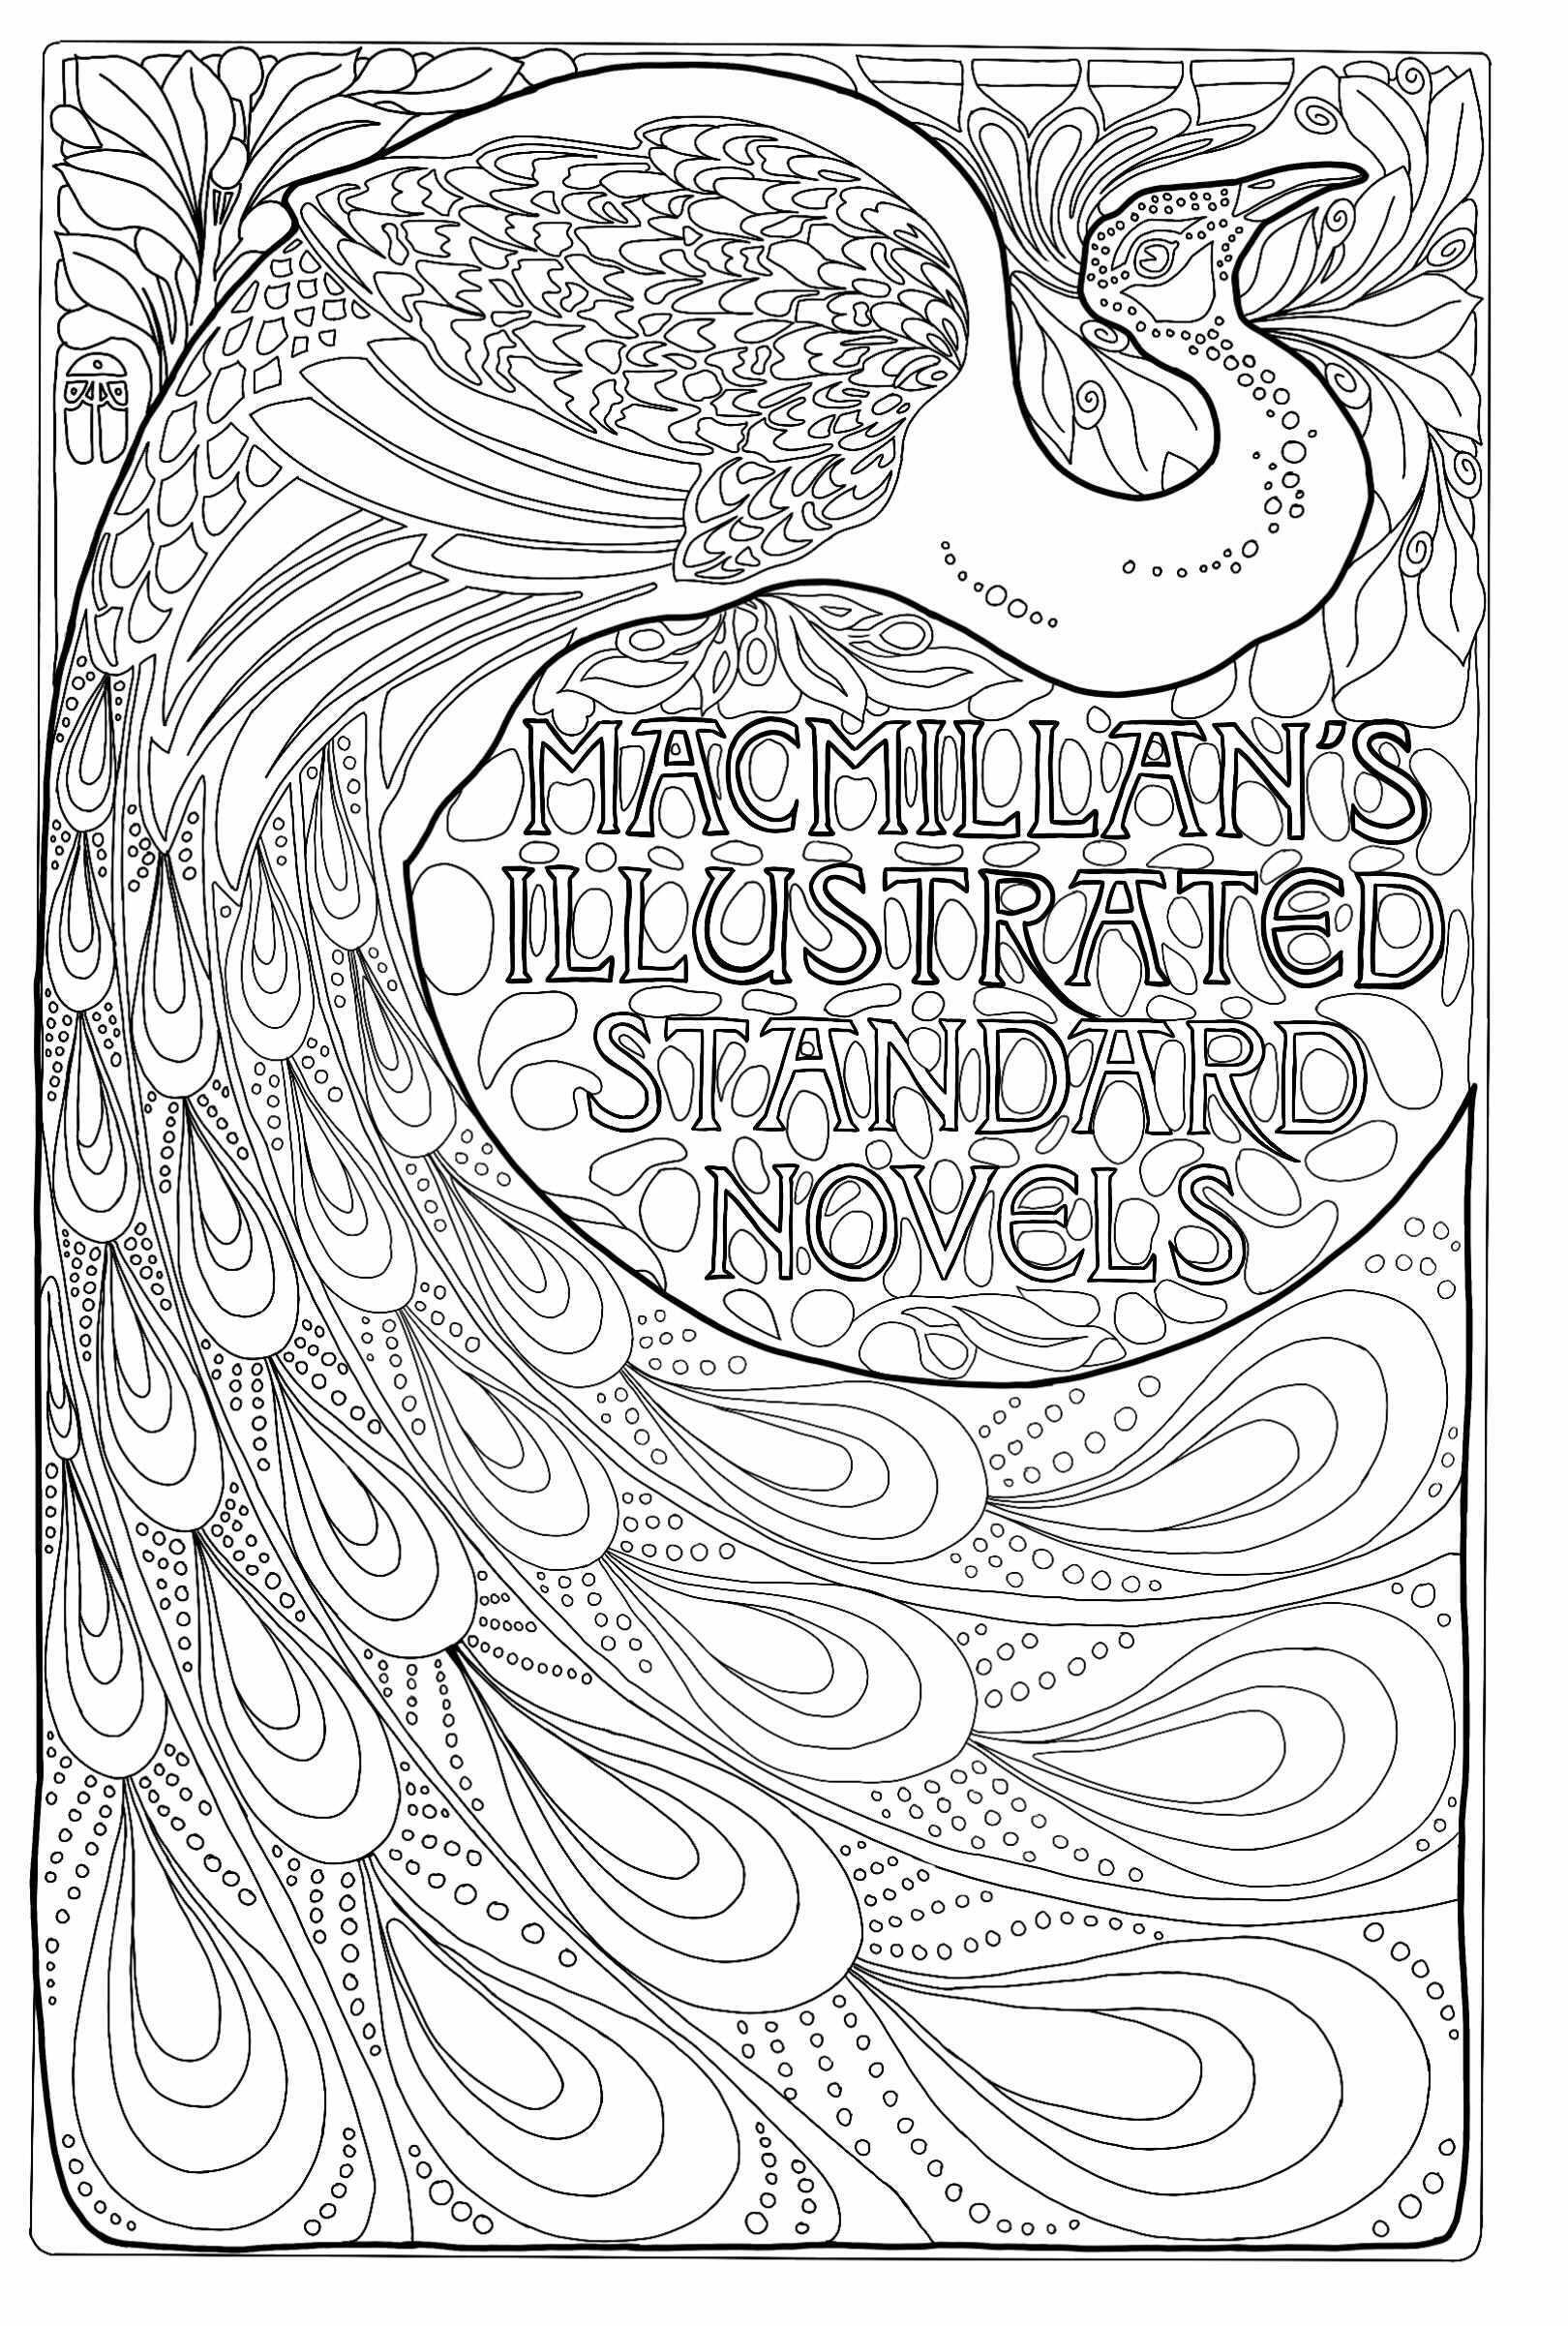 MacMillan's Illustrated Standard Novels : Couverture de livre Art Nouveau avec un paon (1896).  Créé par Albert Angus Turbayne, illustrateur américain (1866, 1940).